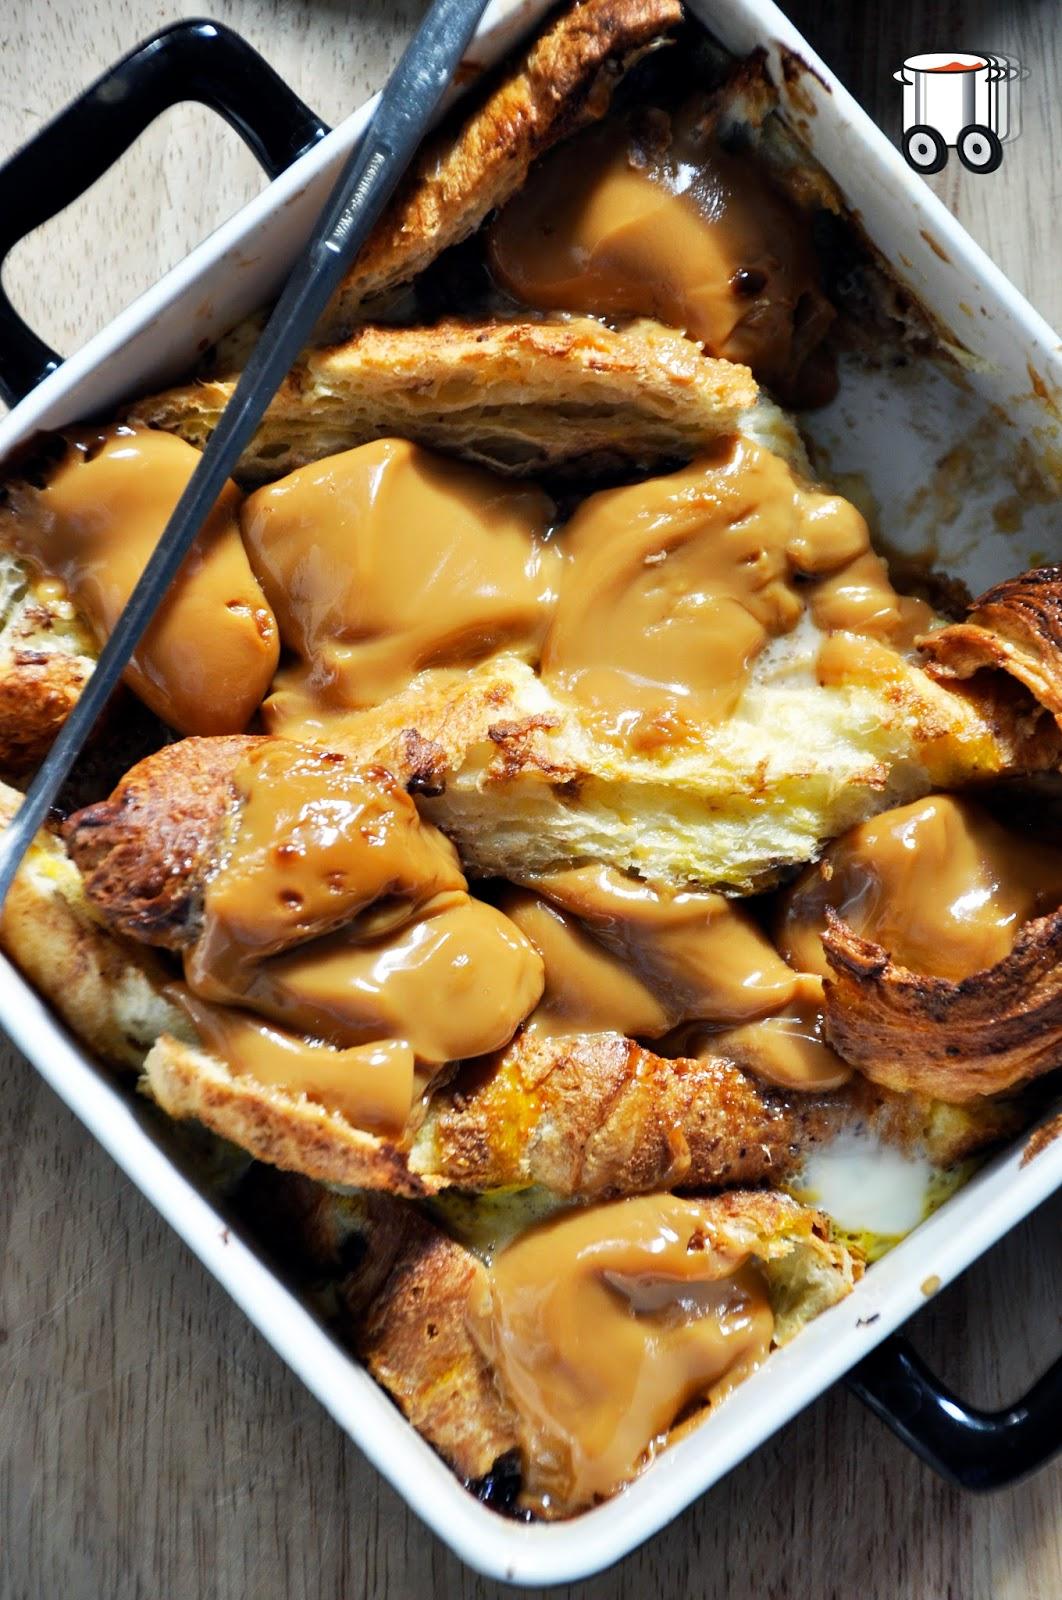 Szybko Tanio Smacznie - Zapiekanka z croissantów z karmelem